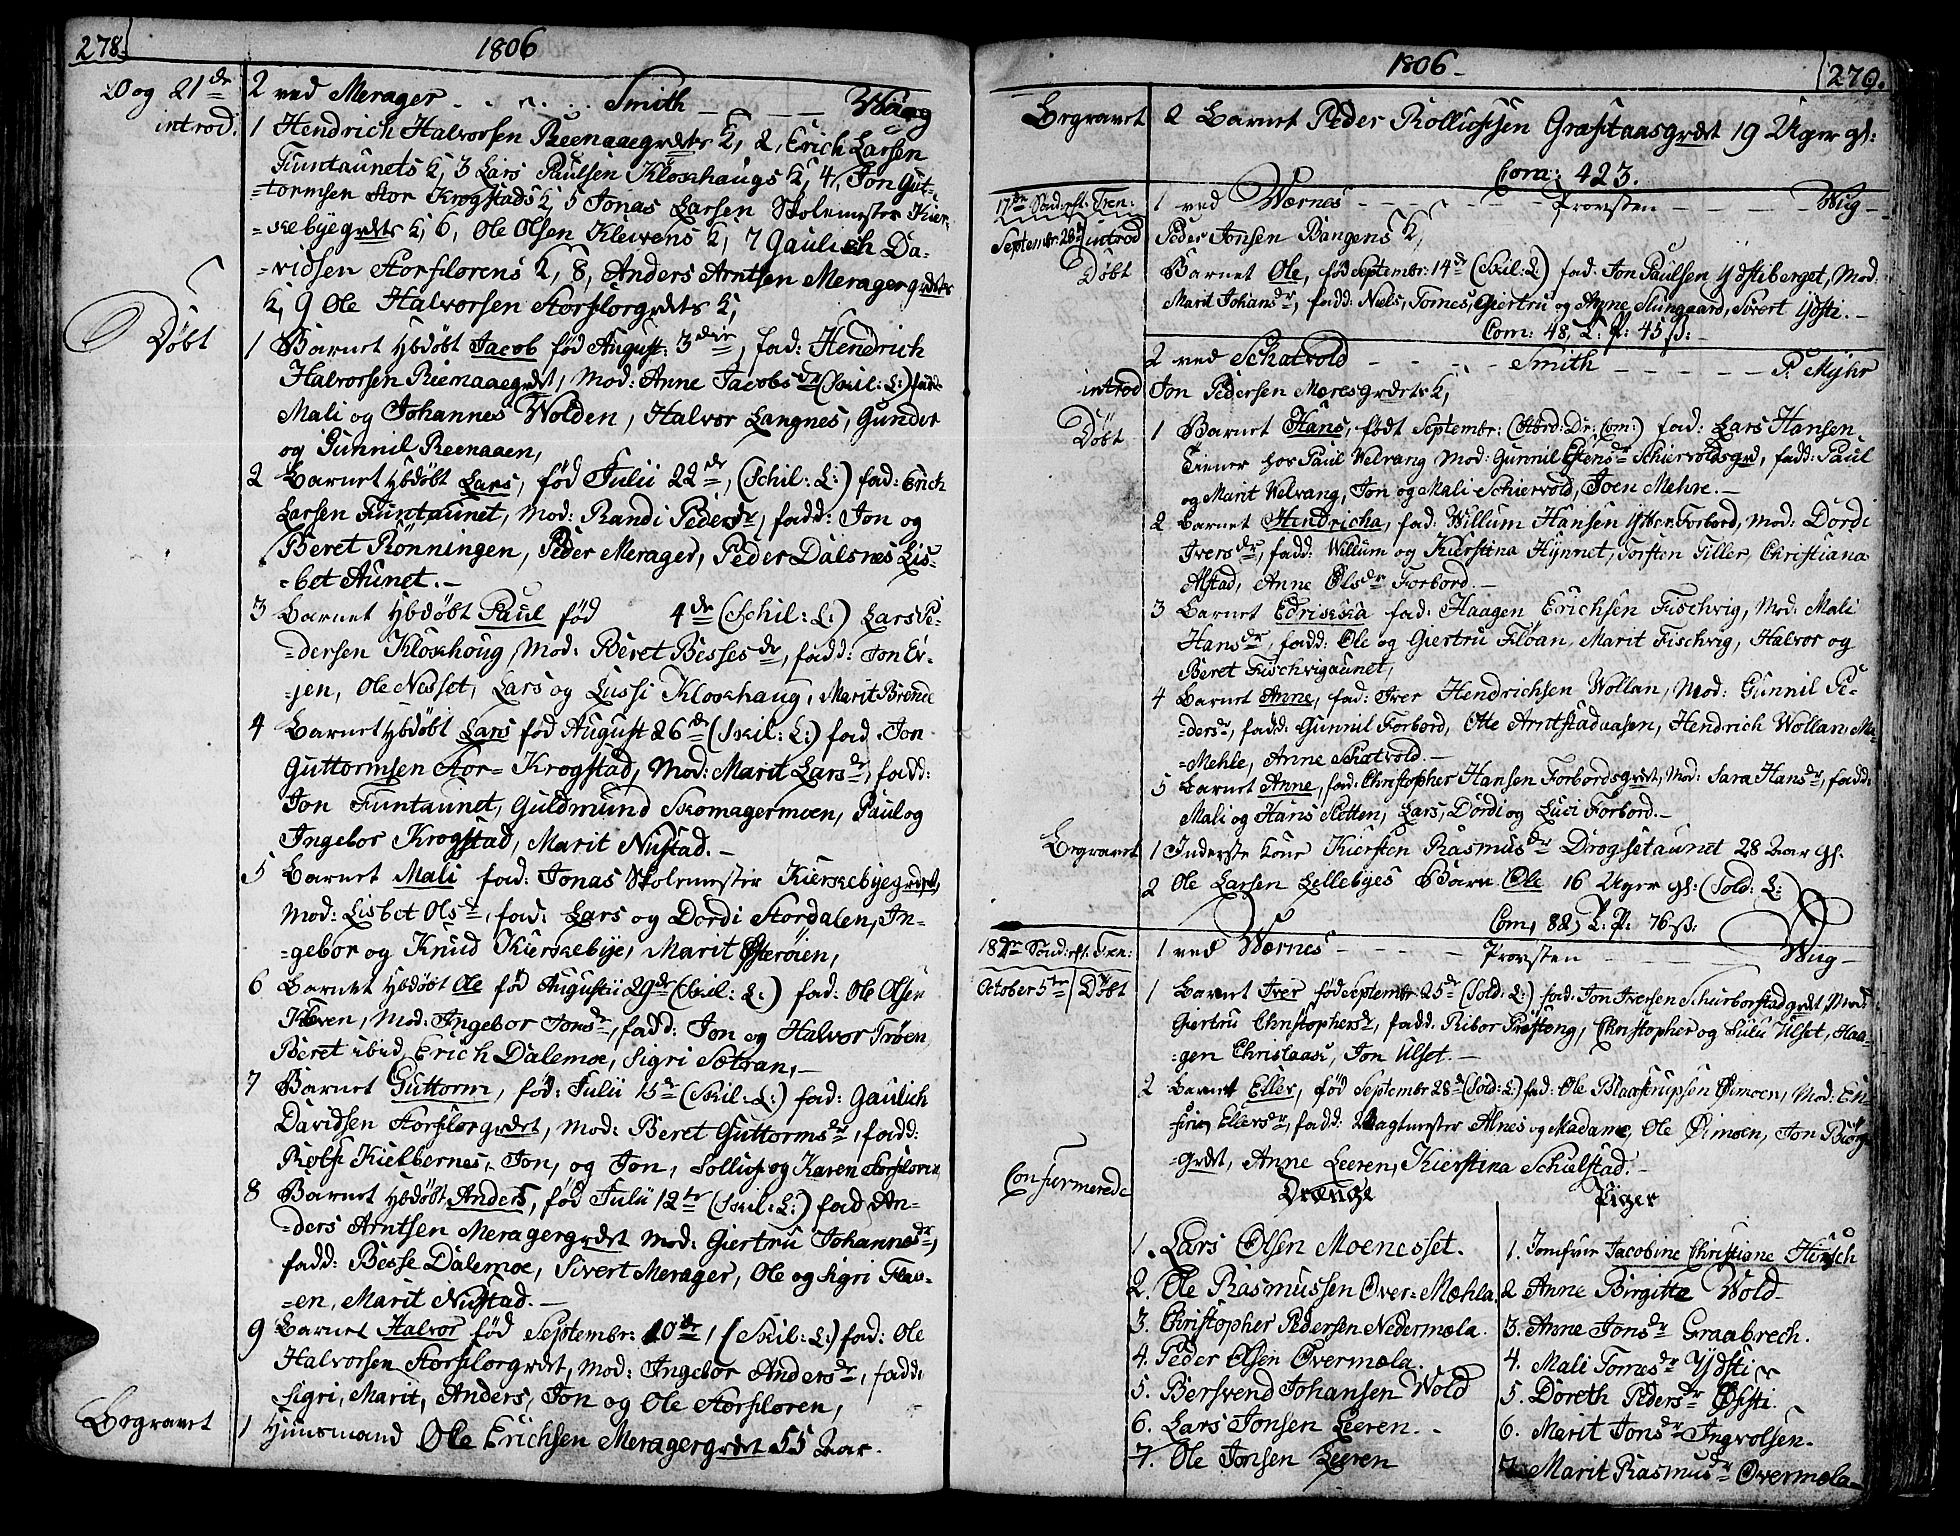 SAT, Ministerialprotokoller, klokkerbøker og fødselsregistre - Nord-Trøndelag, 709/L0060: Ministerialbok nr. 709A07, 1797-1815, s. 278-279